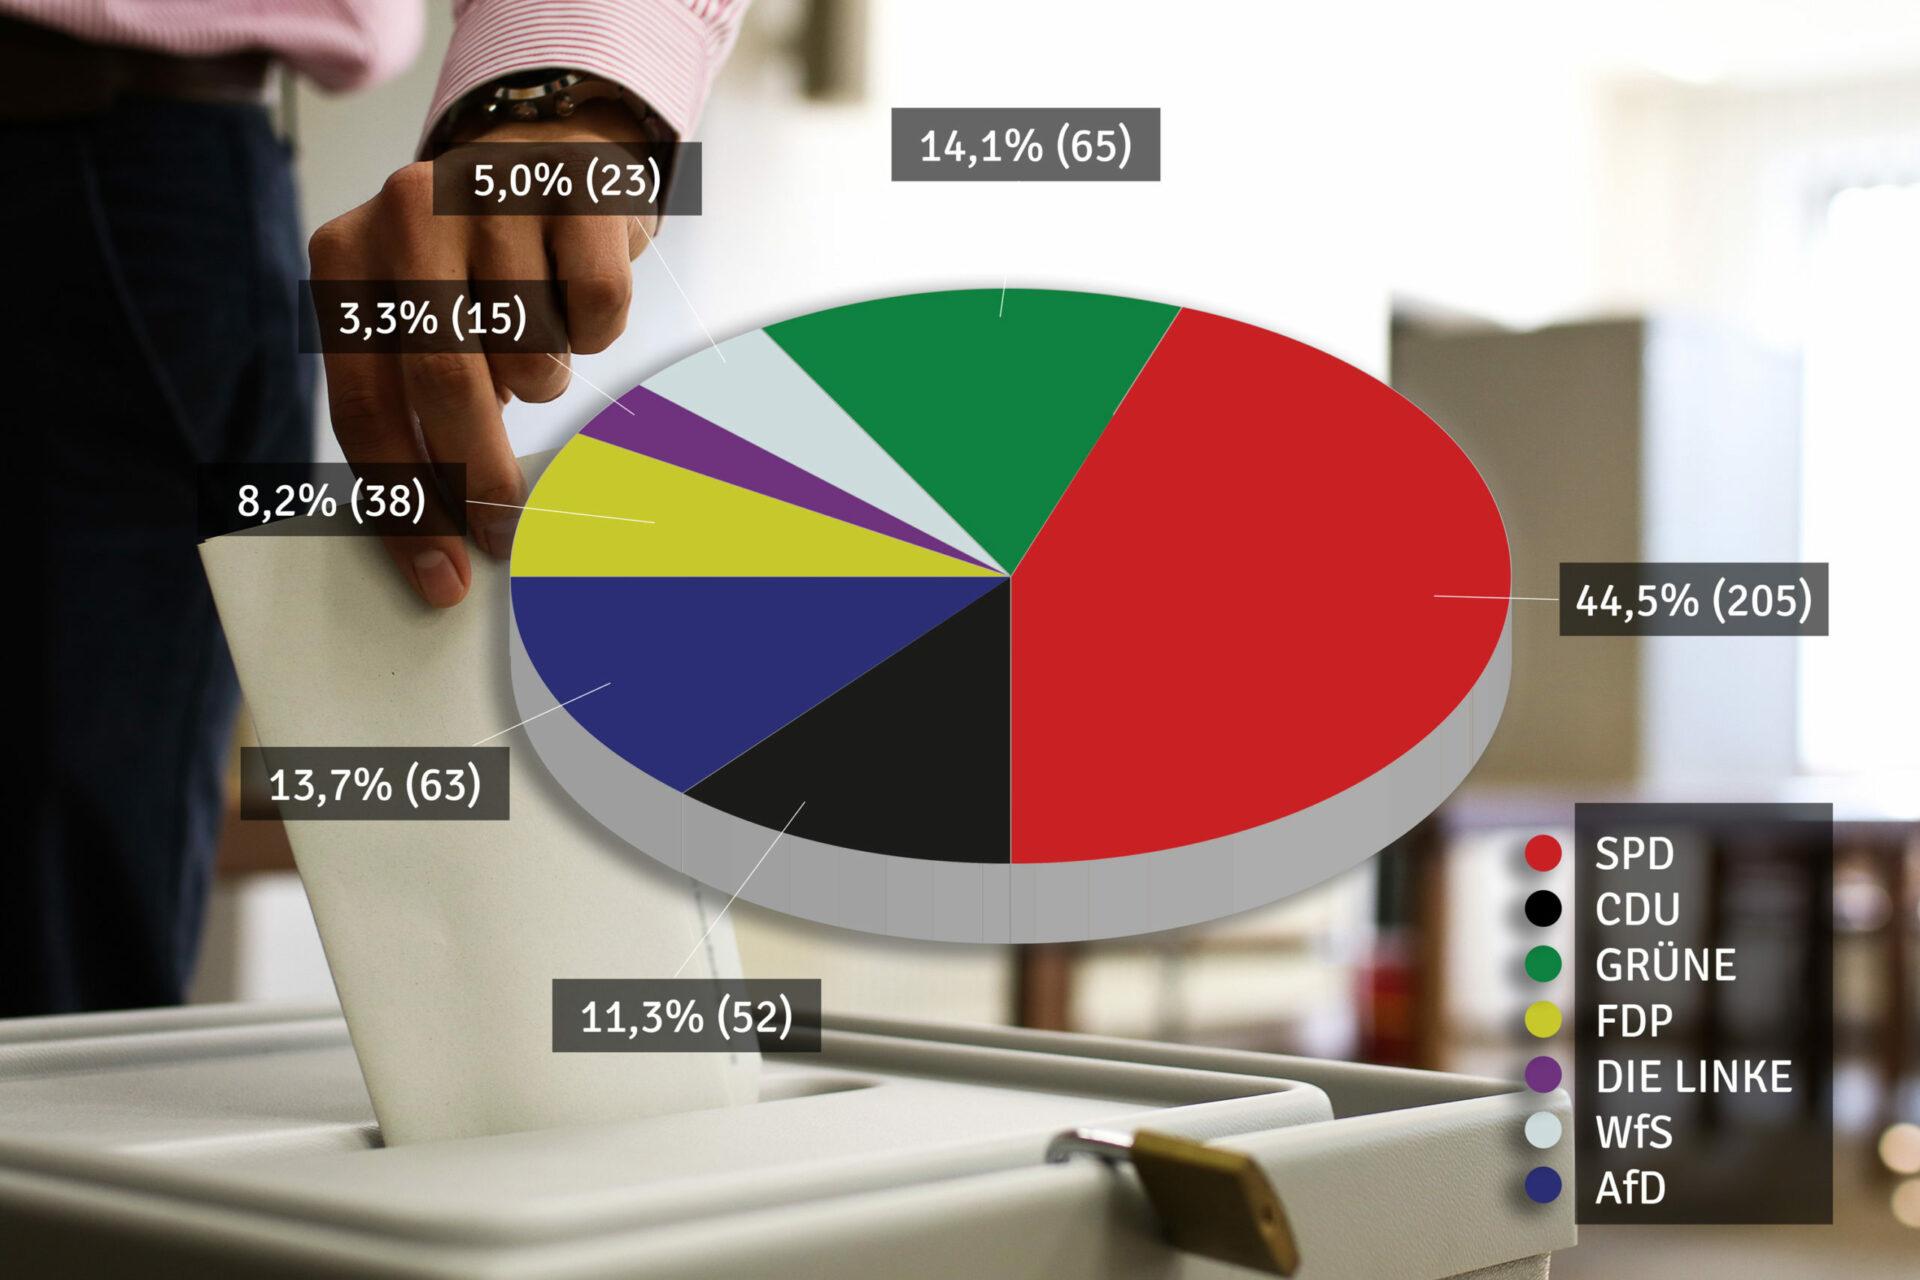 MeinSchwerte-Umfrage: SPD liegt vorne